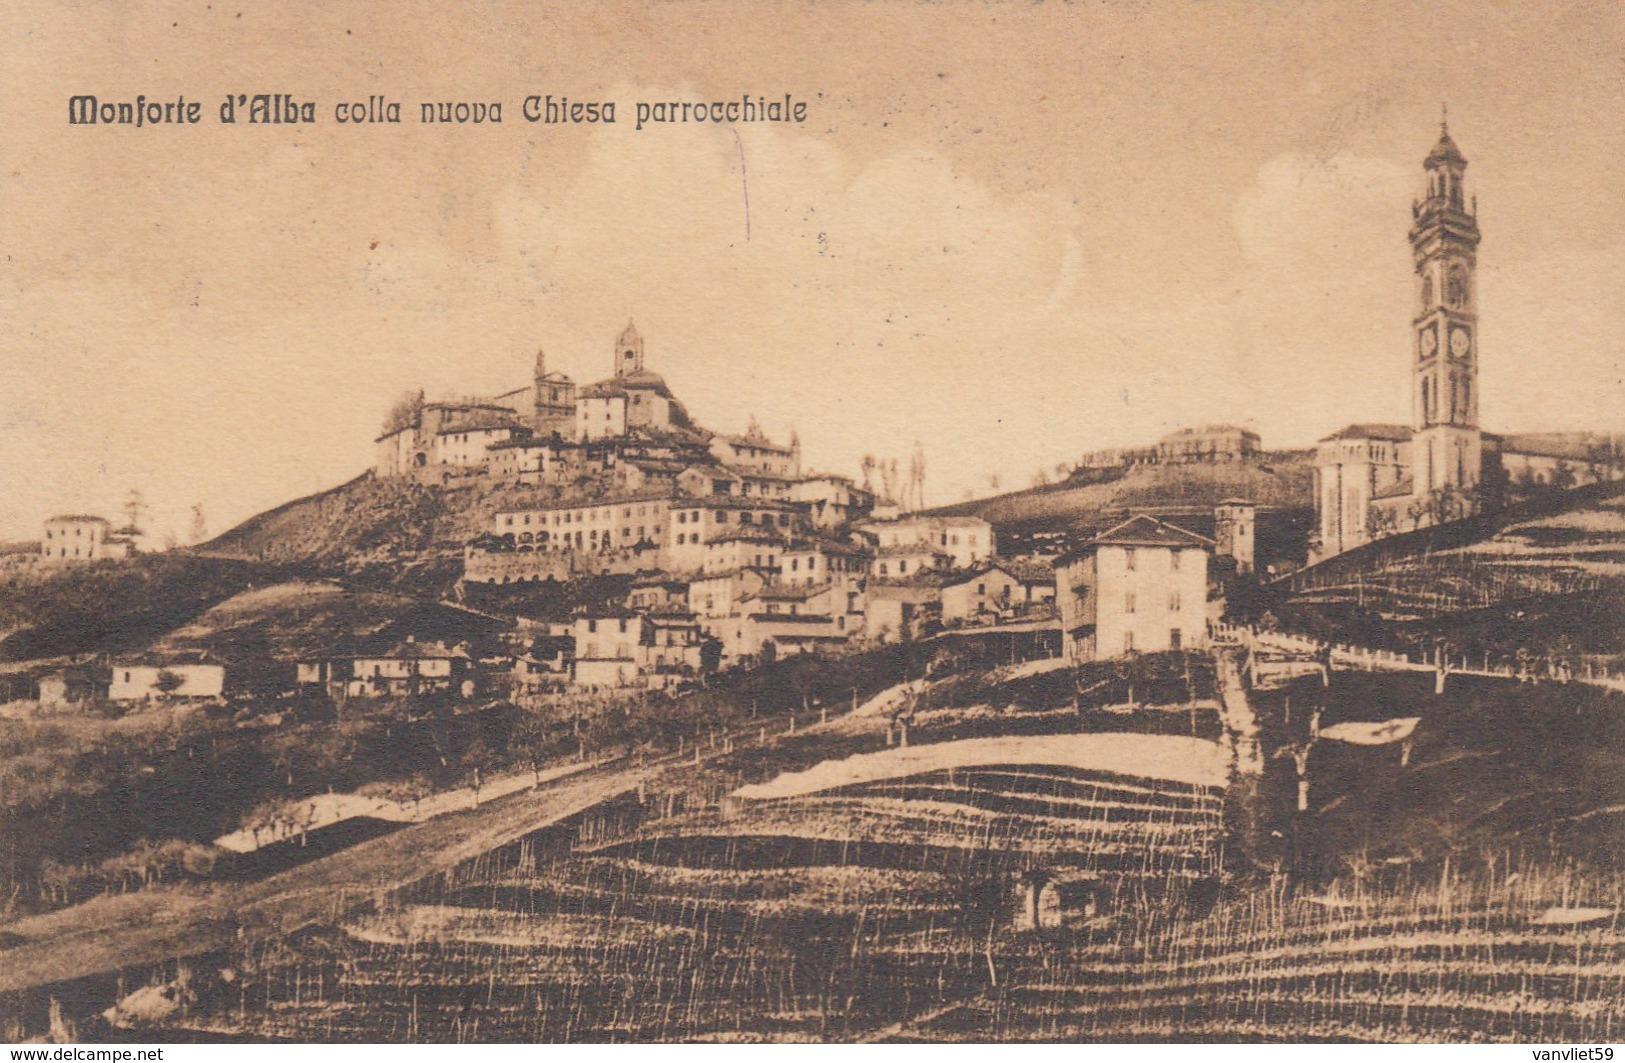 MONFORTE D'ALBA-CUNEO-NUOVA CHIESA PARROCCHIALE-CARTOLINA VIAGGIATA IL 2-9-1926 - Cuneo